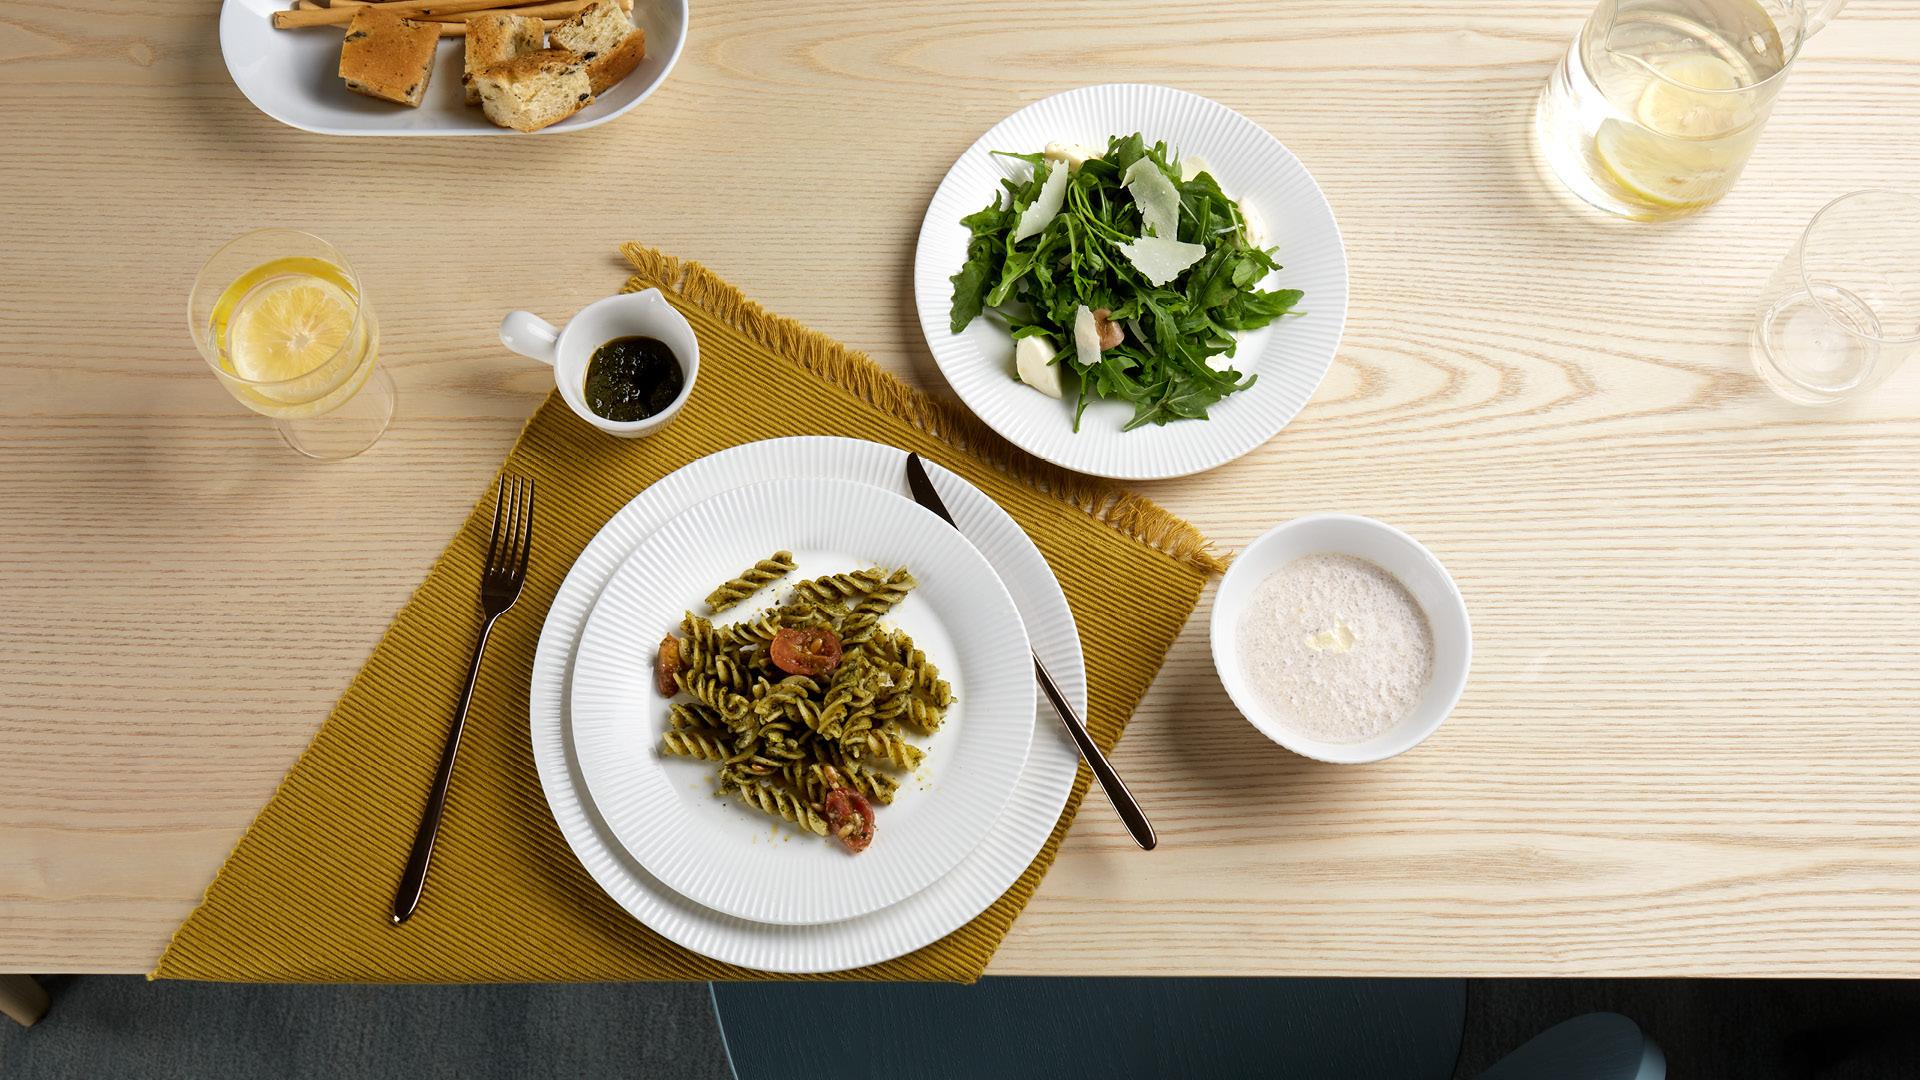 莹贝餐具10件组|Scallop Tableware